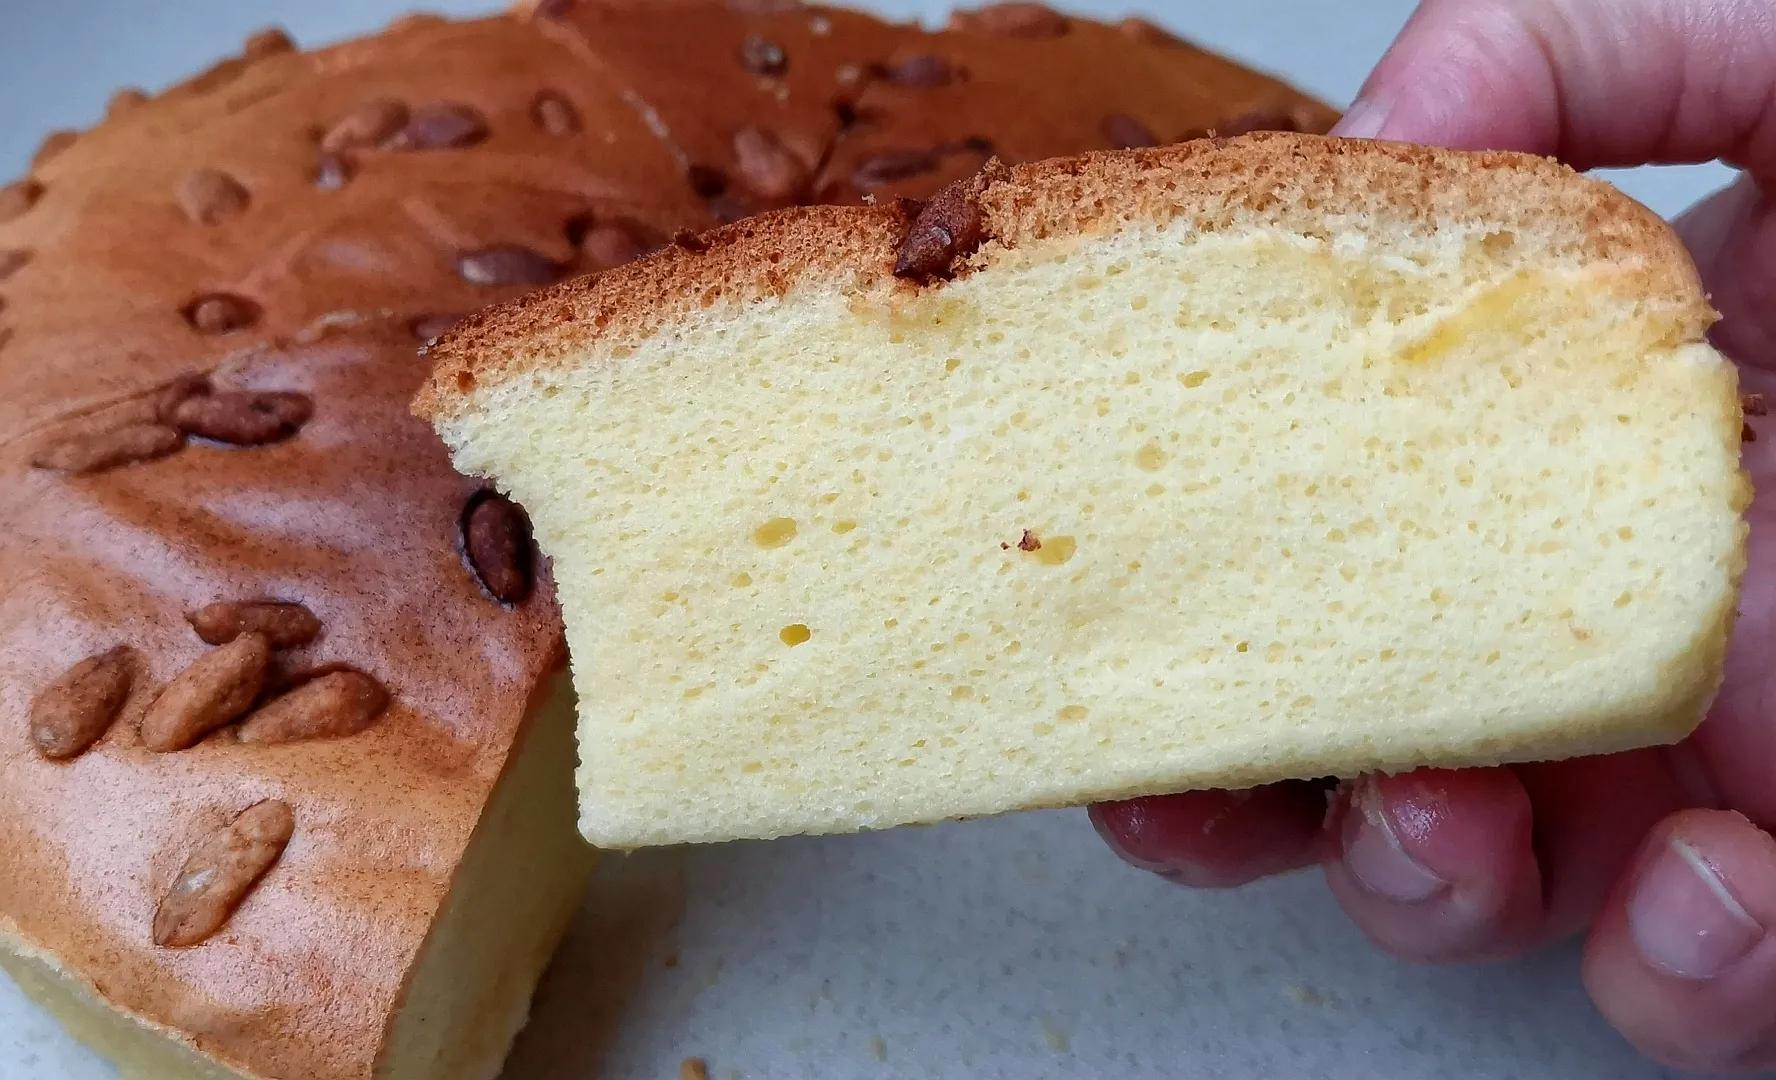 原来糯米粉也能做蛋糕,像棉花一样柔软,比戚风蛋糕好吃多了 美食做法 第13张